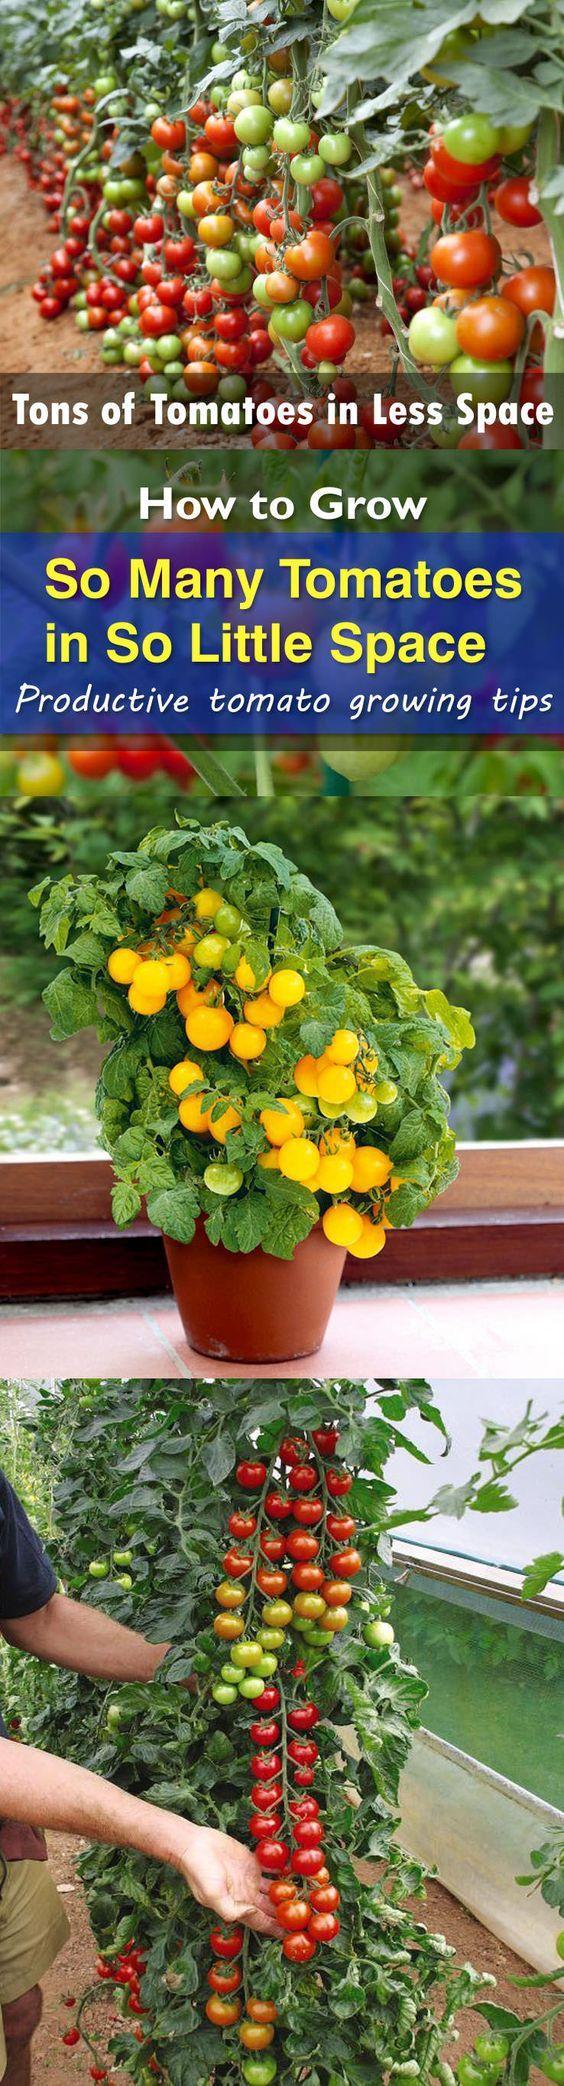 Qual é a melhor maneira de crescer tomates para obter tantos em tão pouco espaço?  Você quer saber com certeza.  Nestes 23 dicas, você vai descobrir como fazer isso.